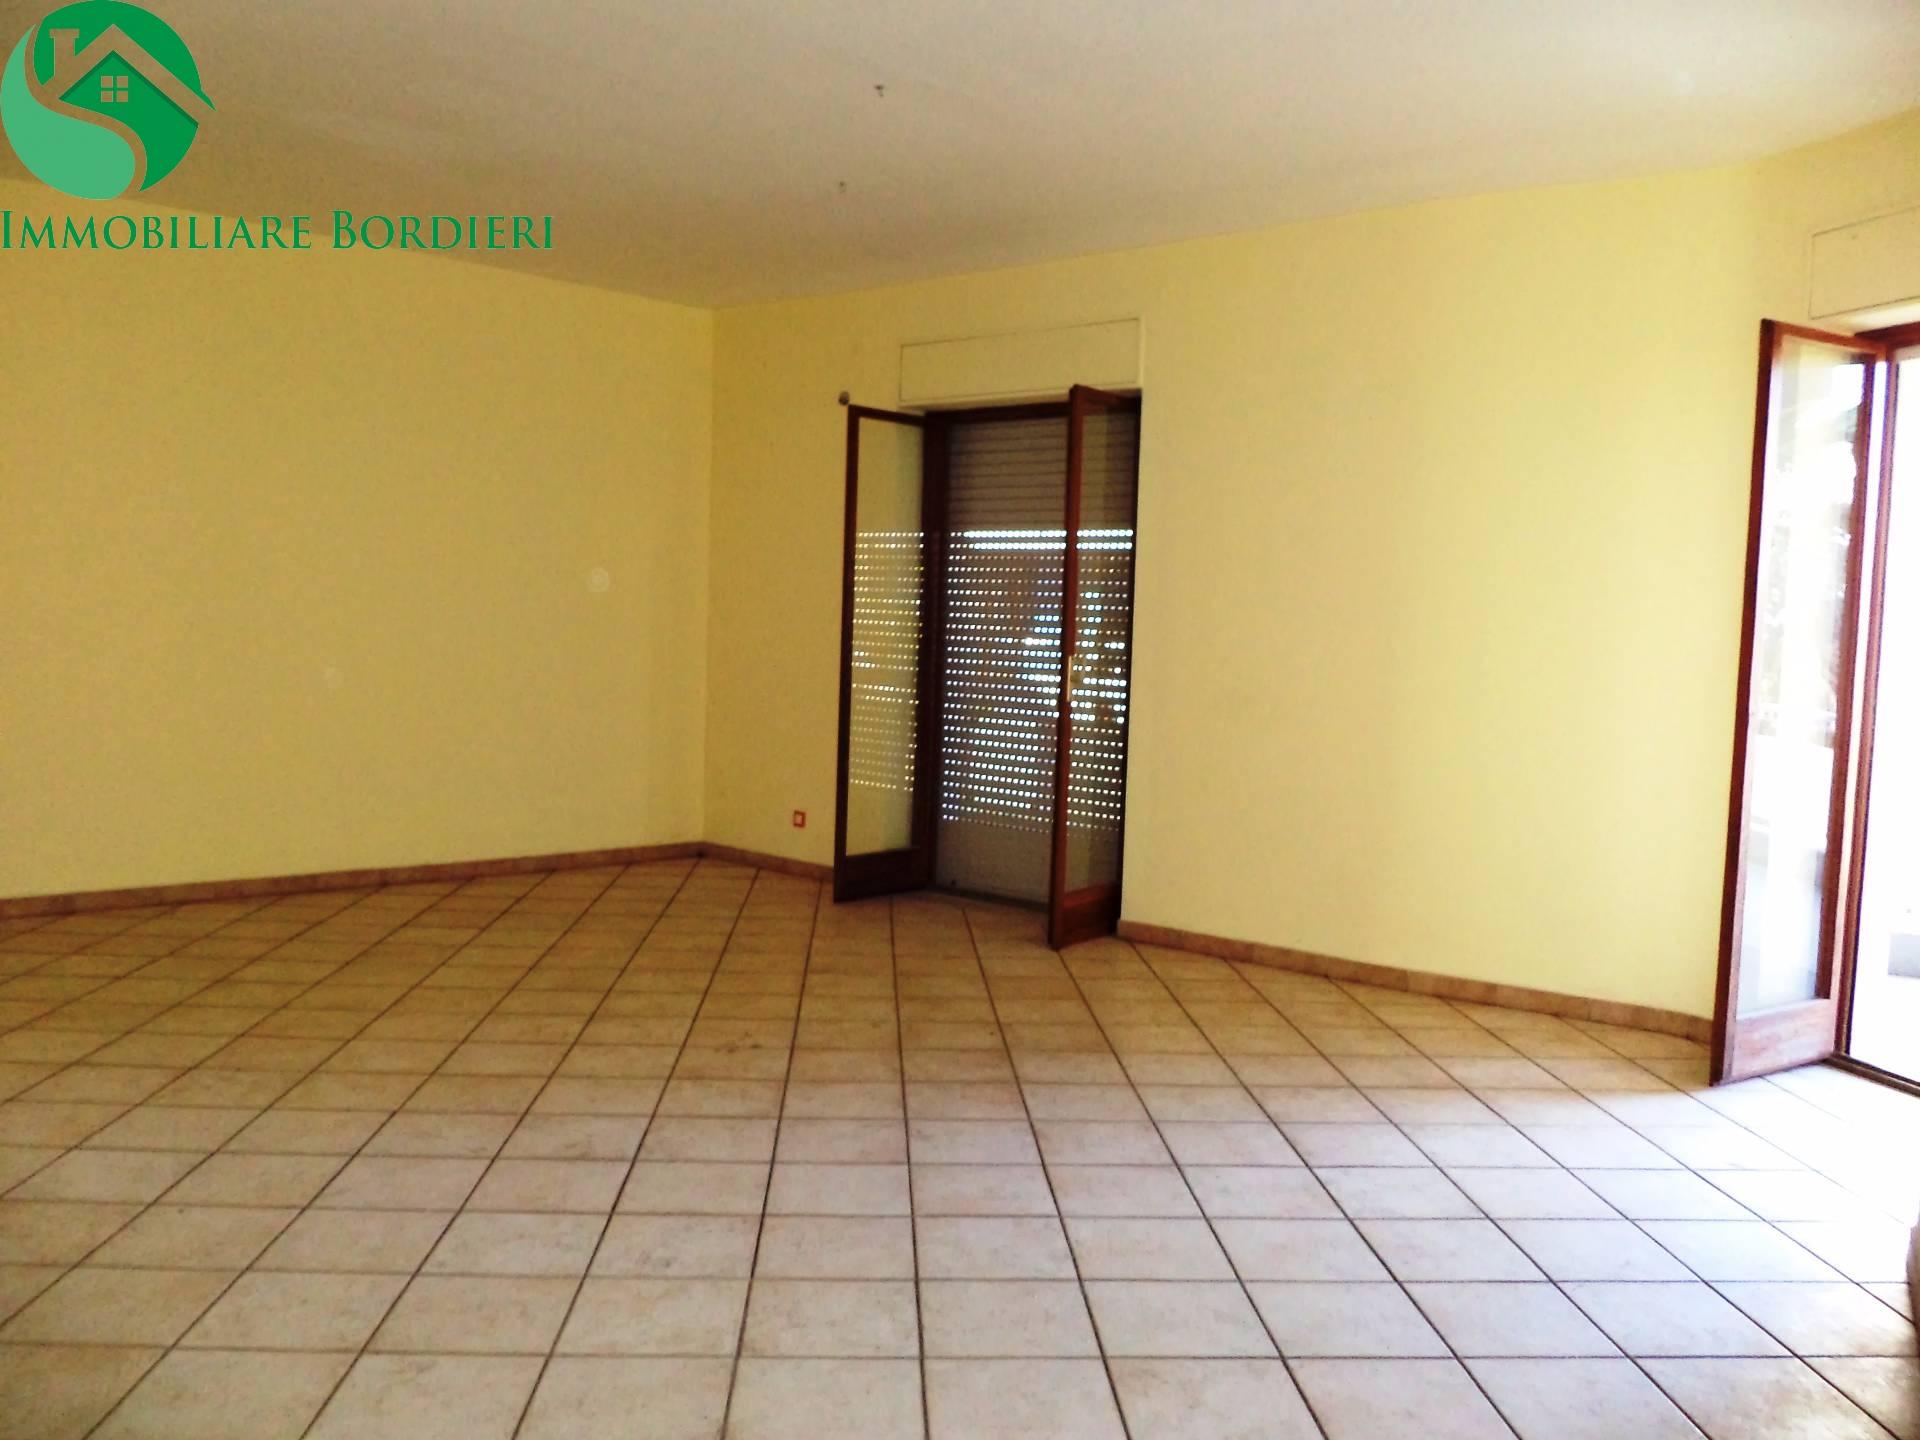 Appartamento in affitto a Siracusa, 5 locali, zona Località: ScalaGreca, prezzo € 600 | CambioCasa.it